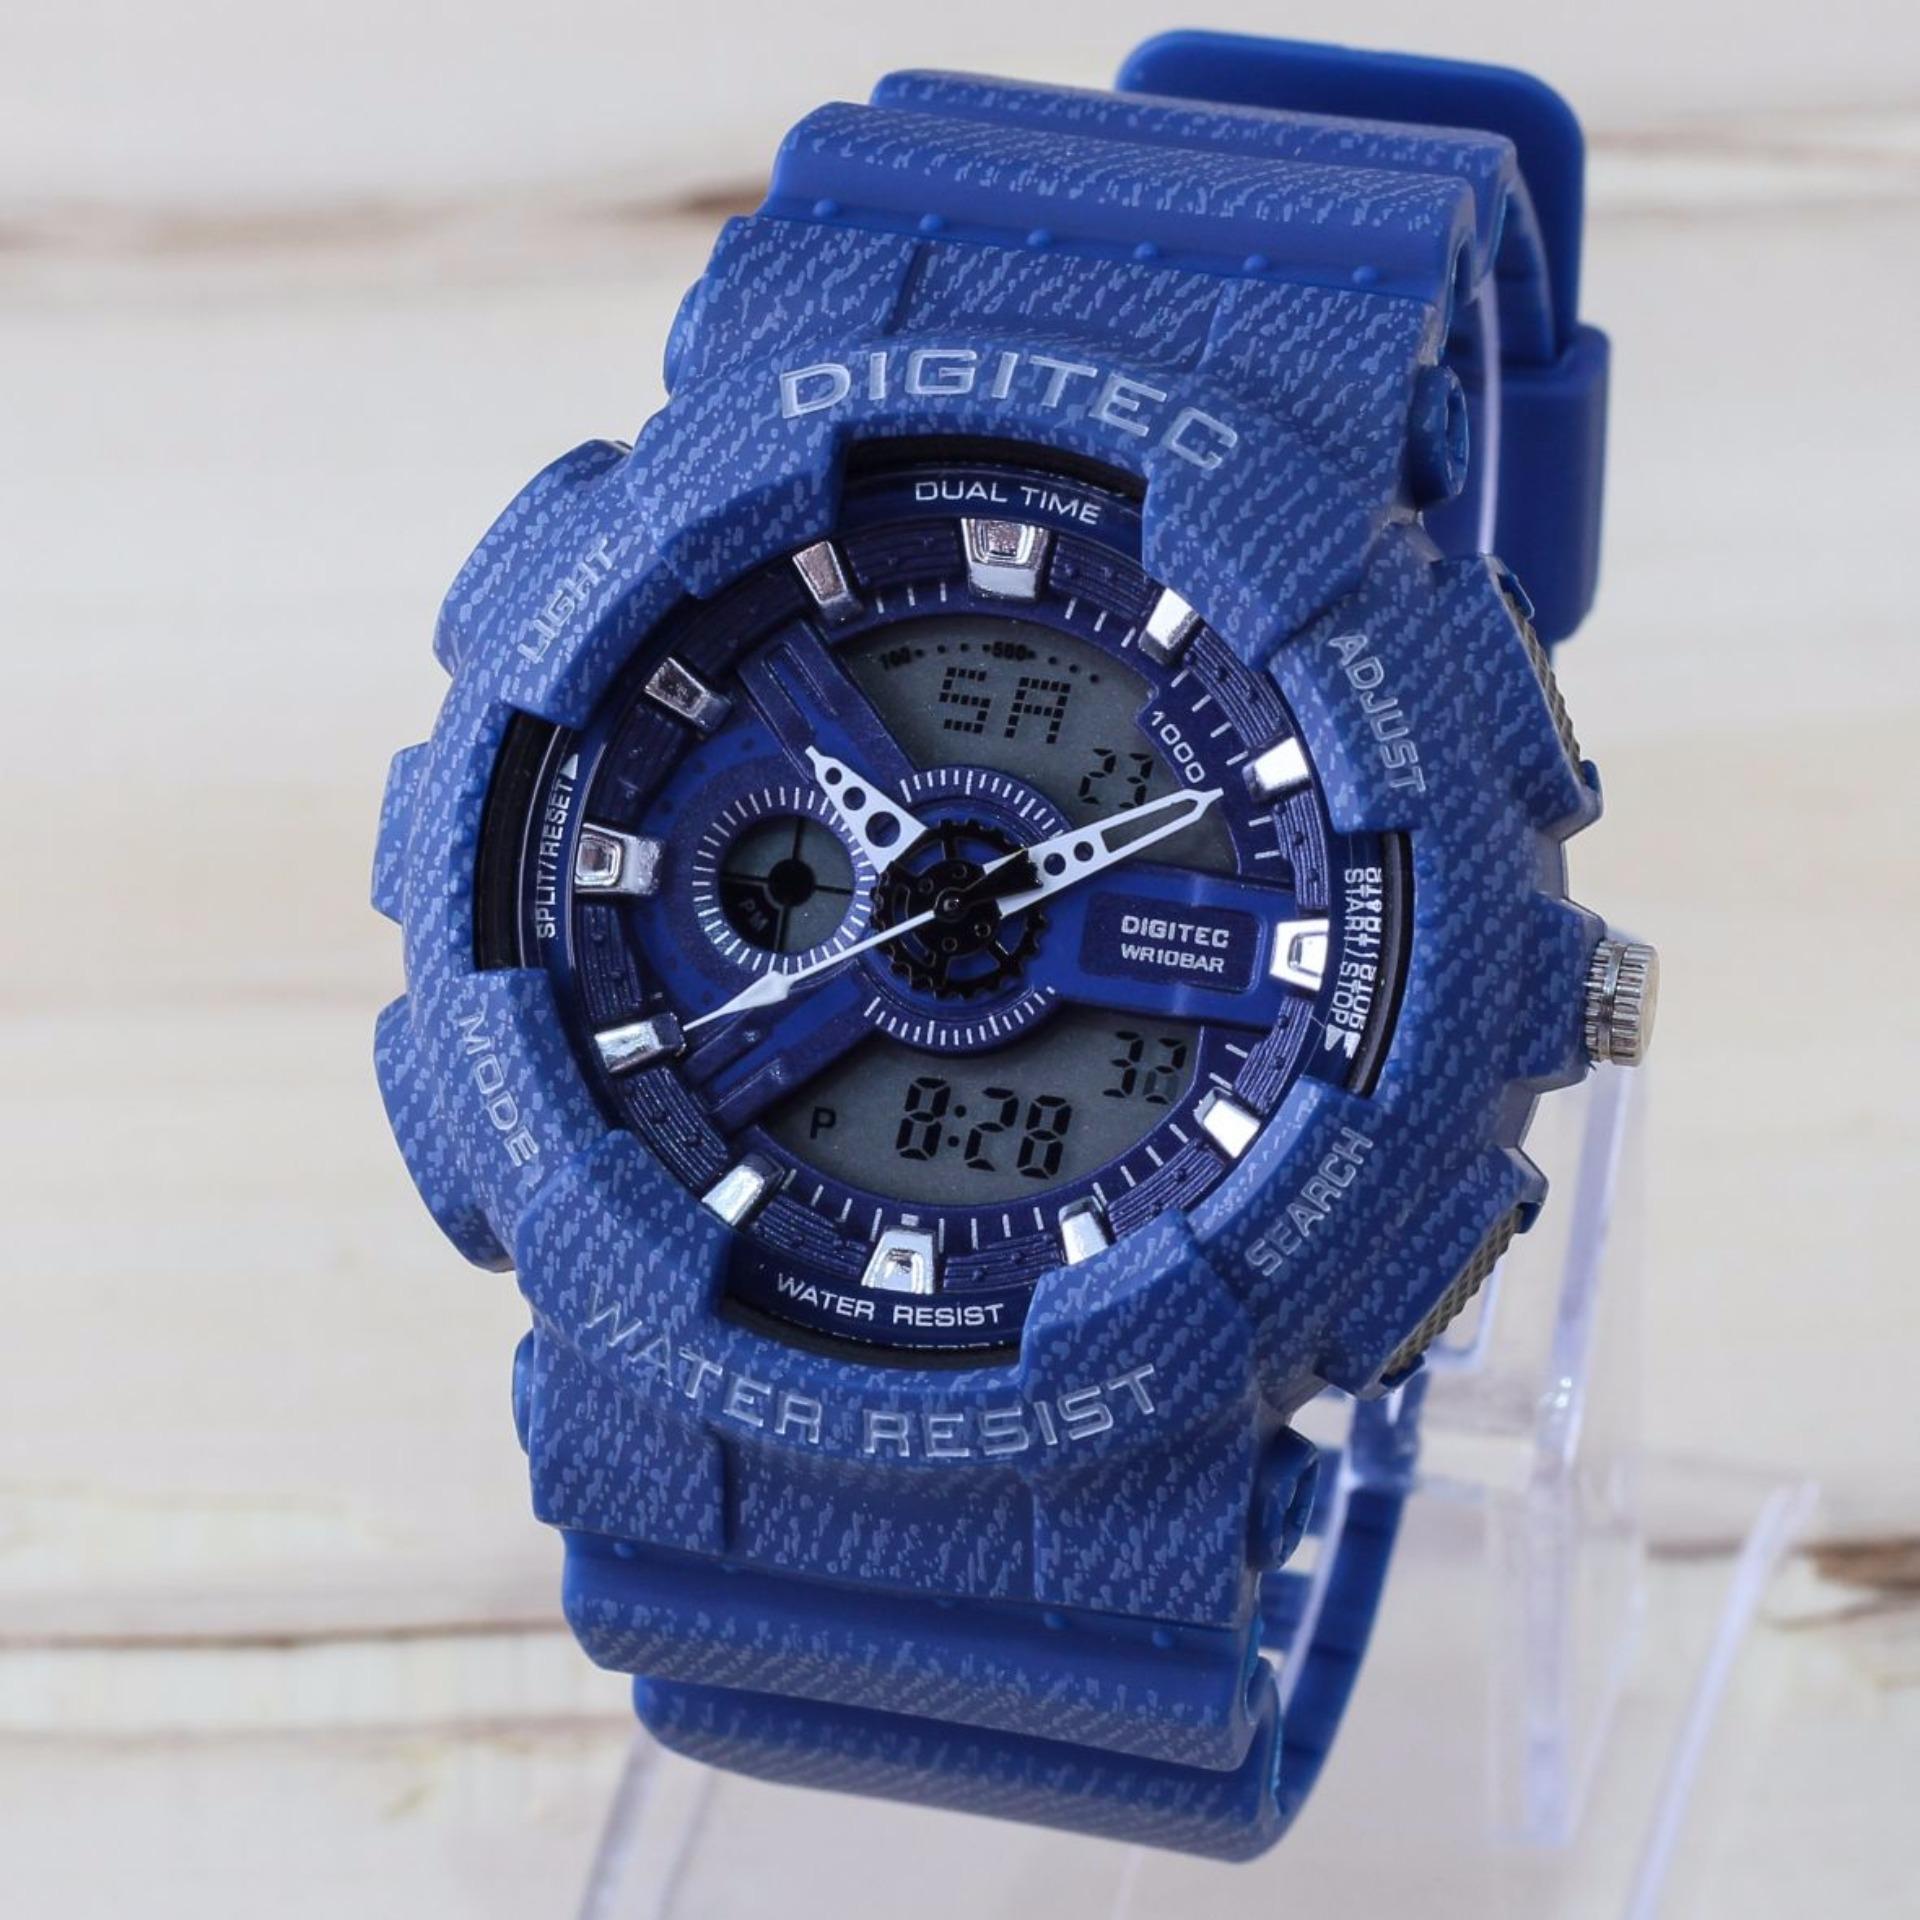 Spesifikasi Digitec Dg 0551M Dual Time Ds Jam Tangan Pria Rubber Strap Yang Bagus